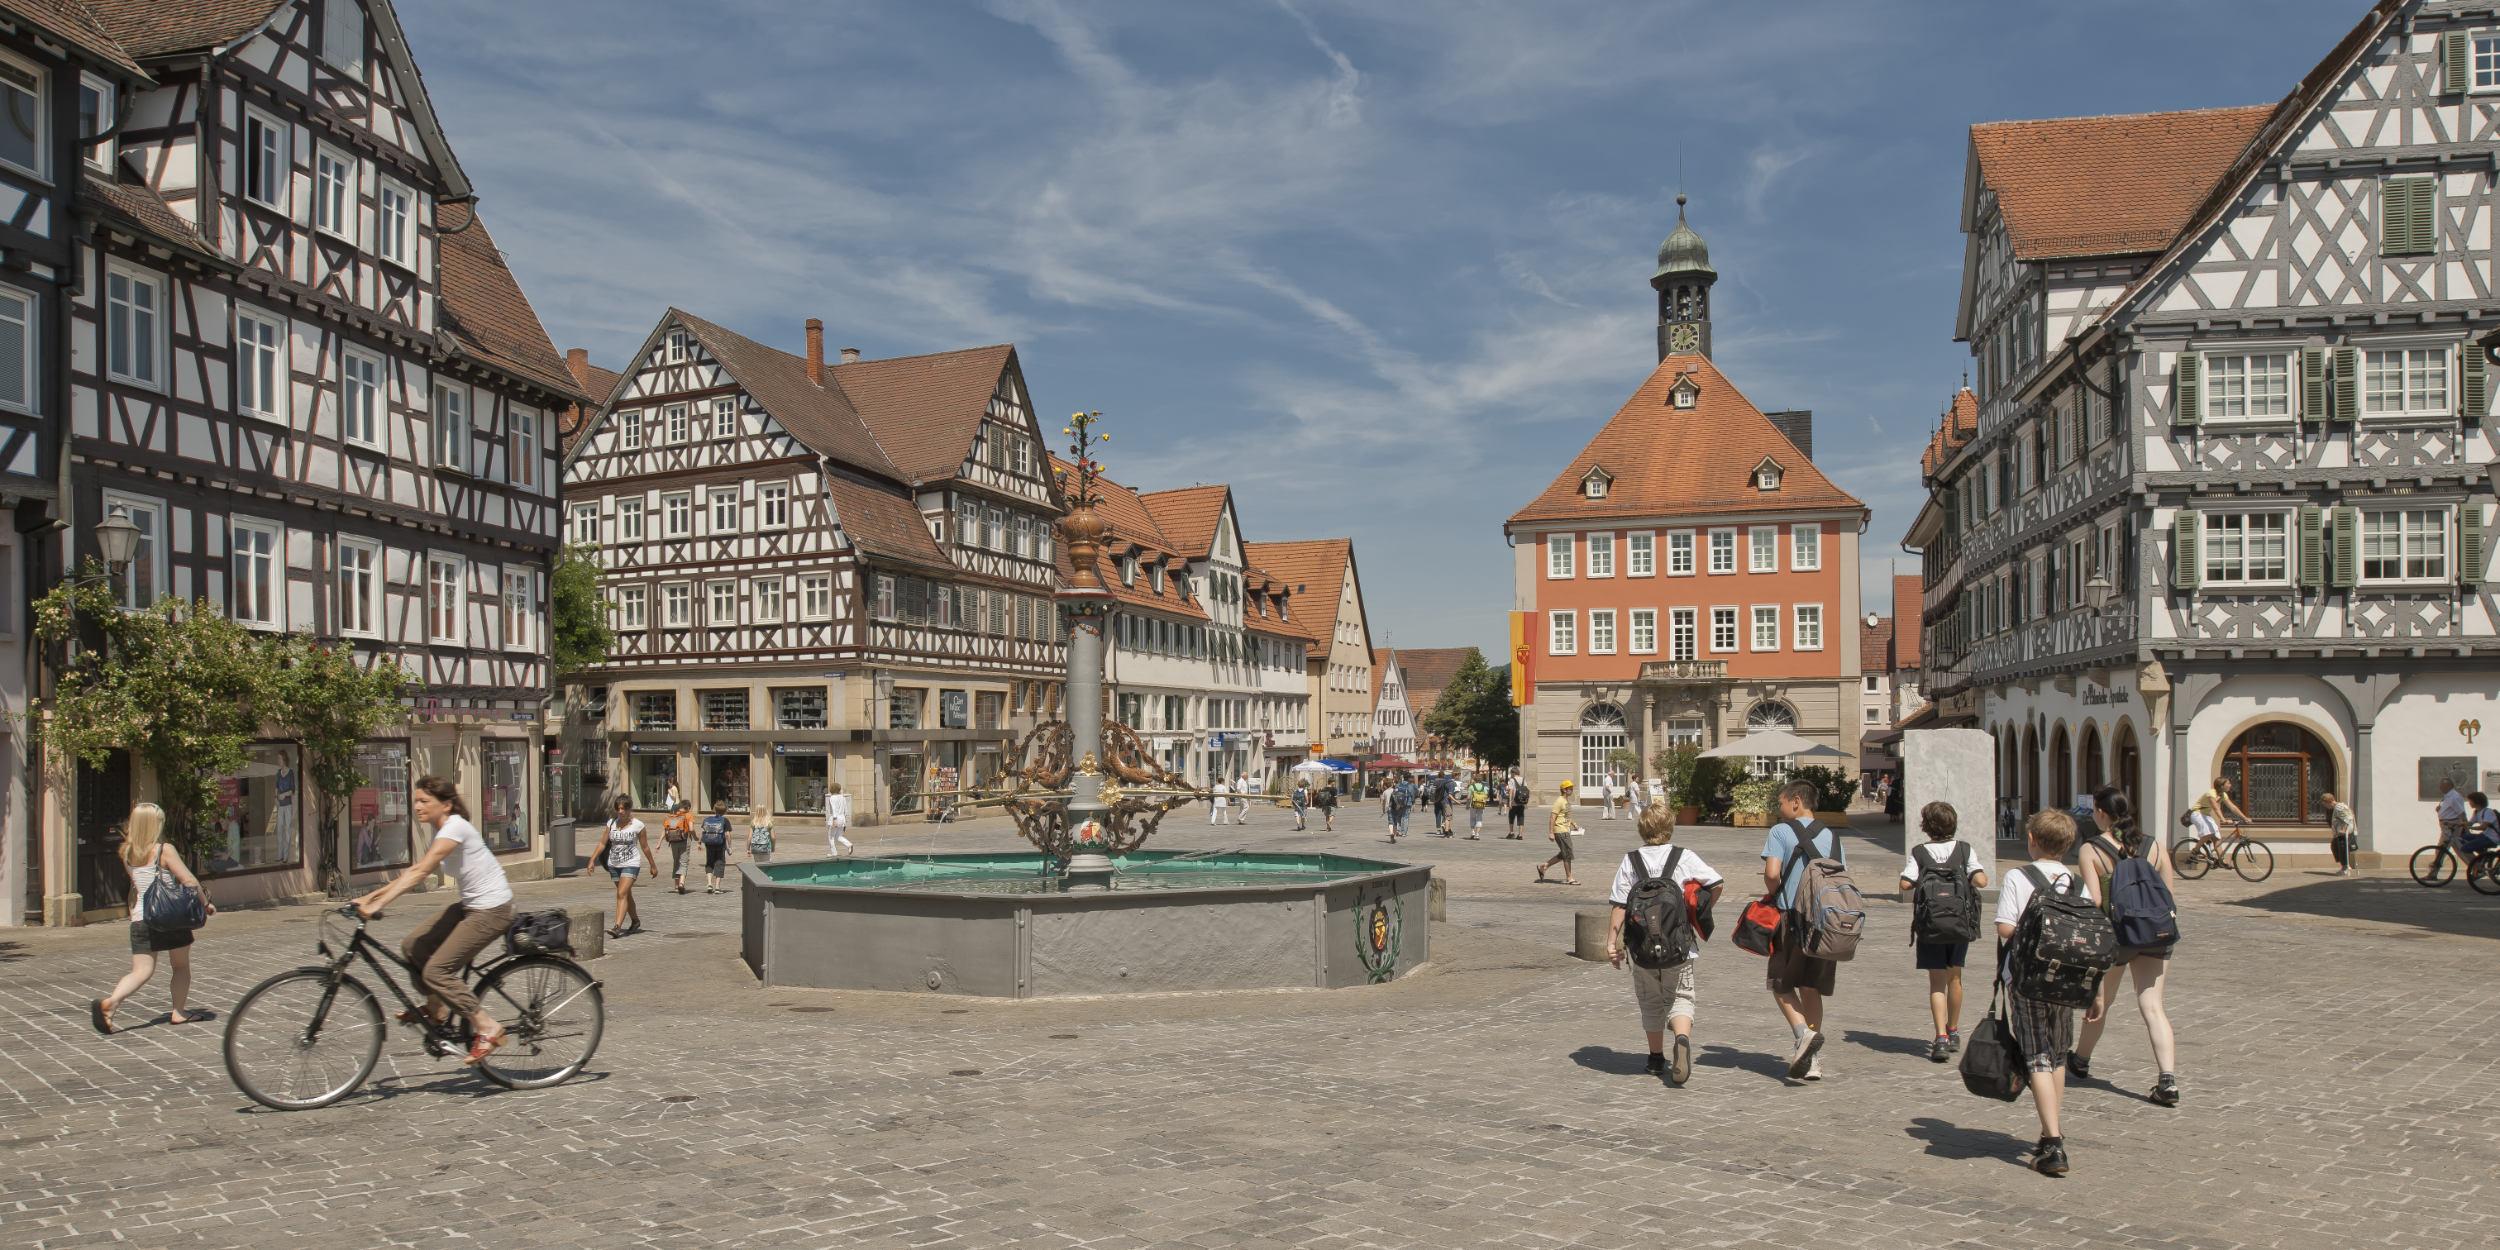 Architekturfotografie Stuttgart und Umgebung Marktplatz Schorndorf Kommune Stadtliebe Werbung Tourismus richtige Zeit richtiger Ort